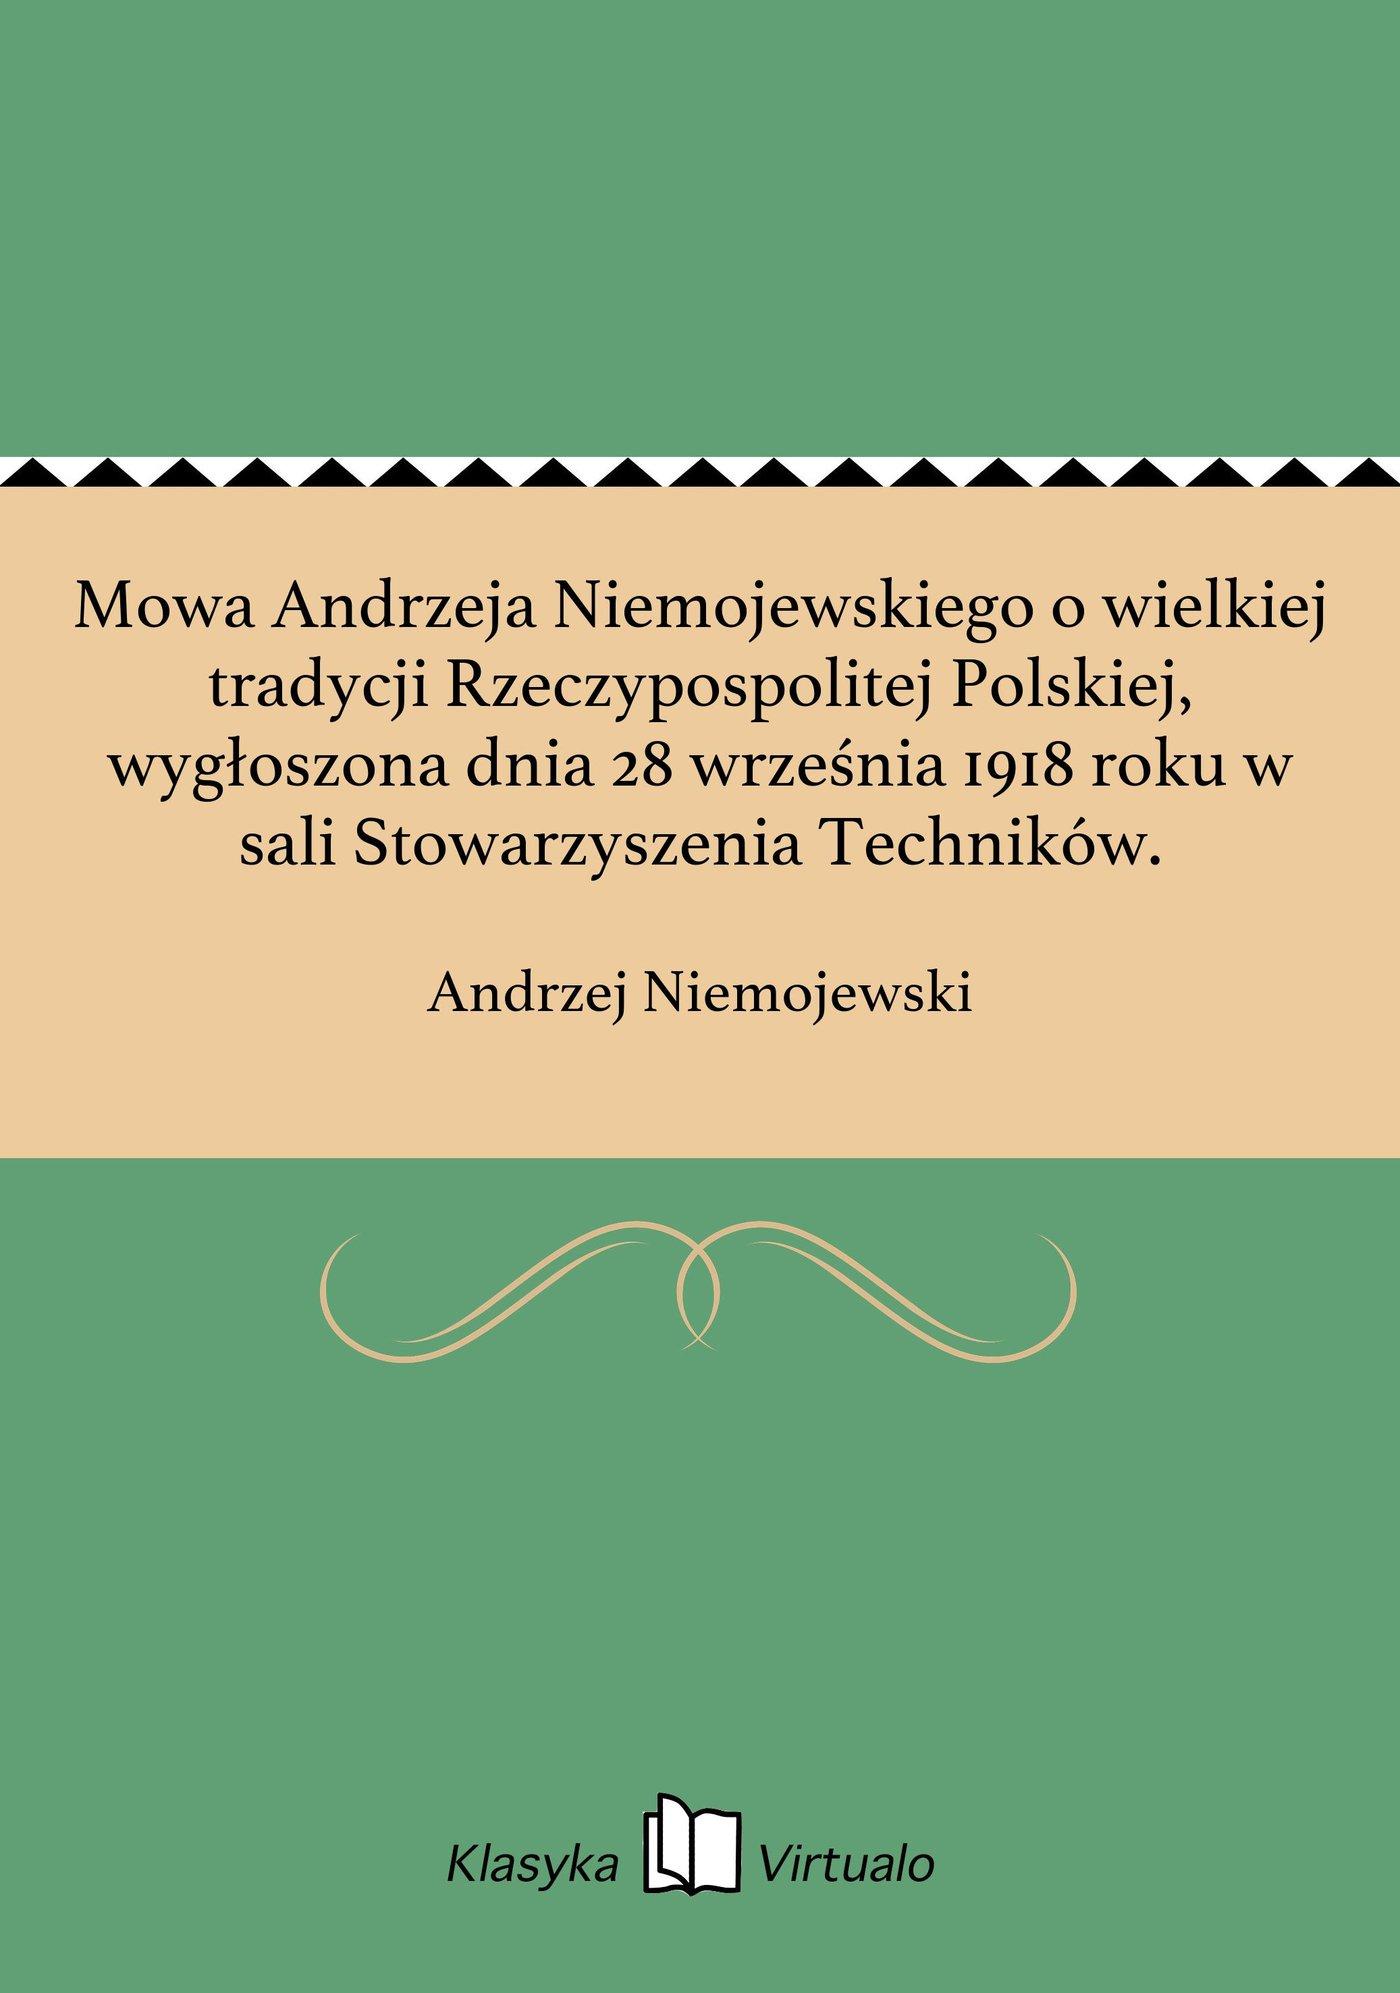 Mowa Andrzeja Niemojewskiego o wielkiej tradycji Rzeczypospolitej Polskiej, wygłoszona dnia 28 września 1918 roku w sali Stowarzyszenia Techników. - Ebook (Książka EPUB) do pobrania w formacie EPUB